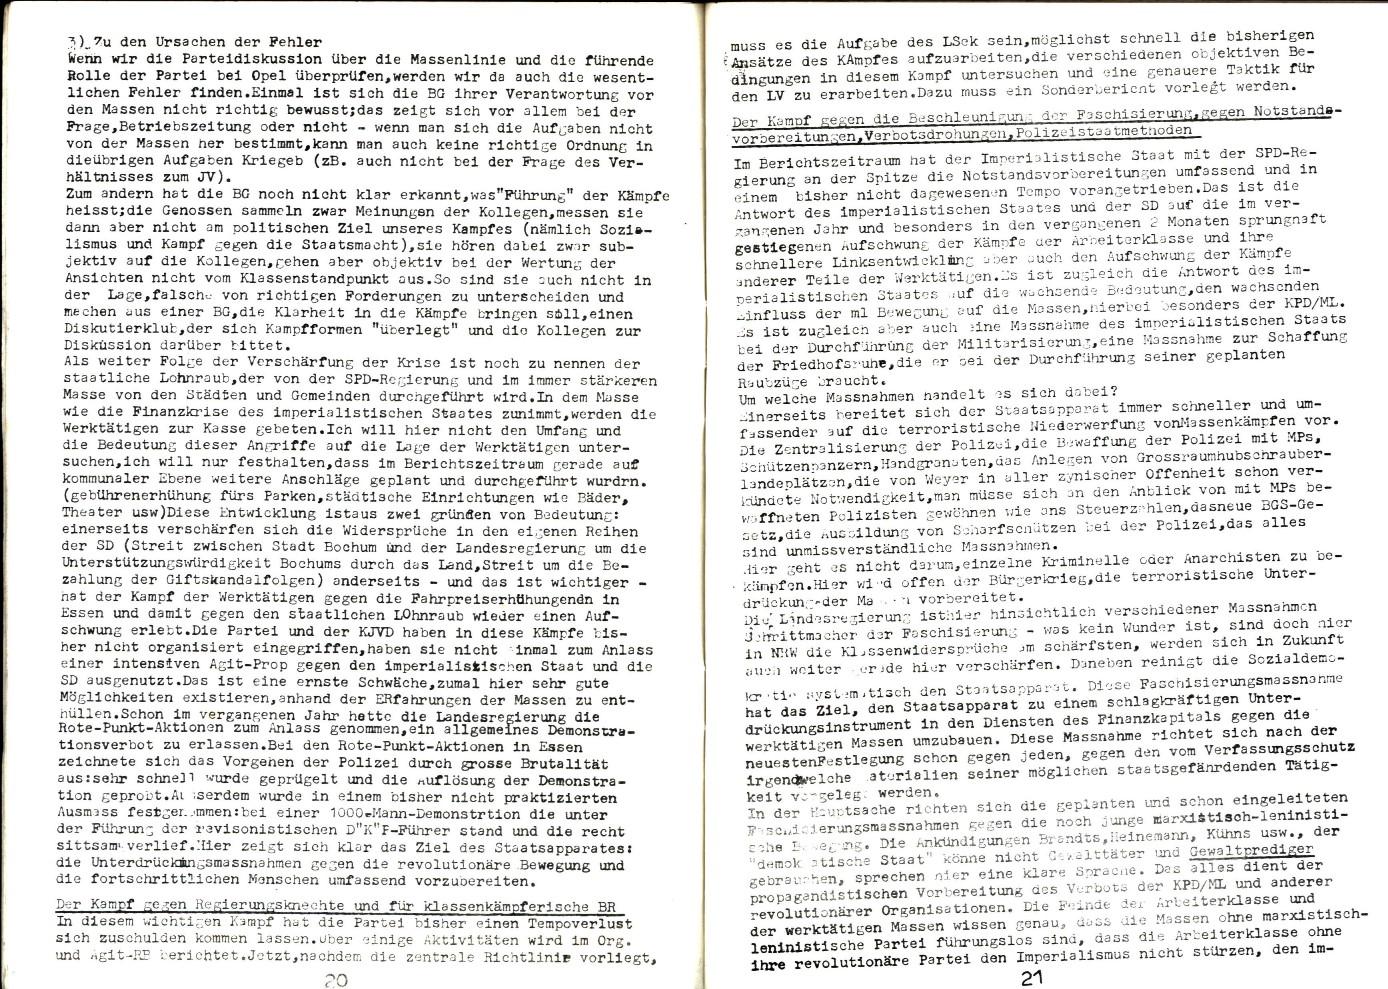 NRW_KPDML_Der_Bolschewist_1972_04_12